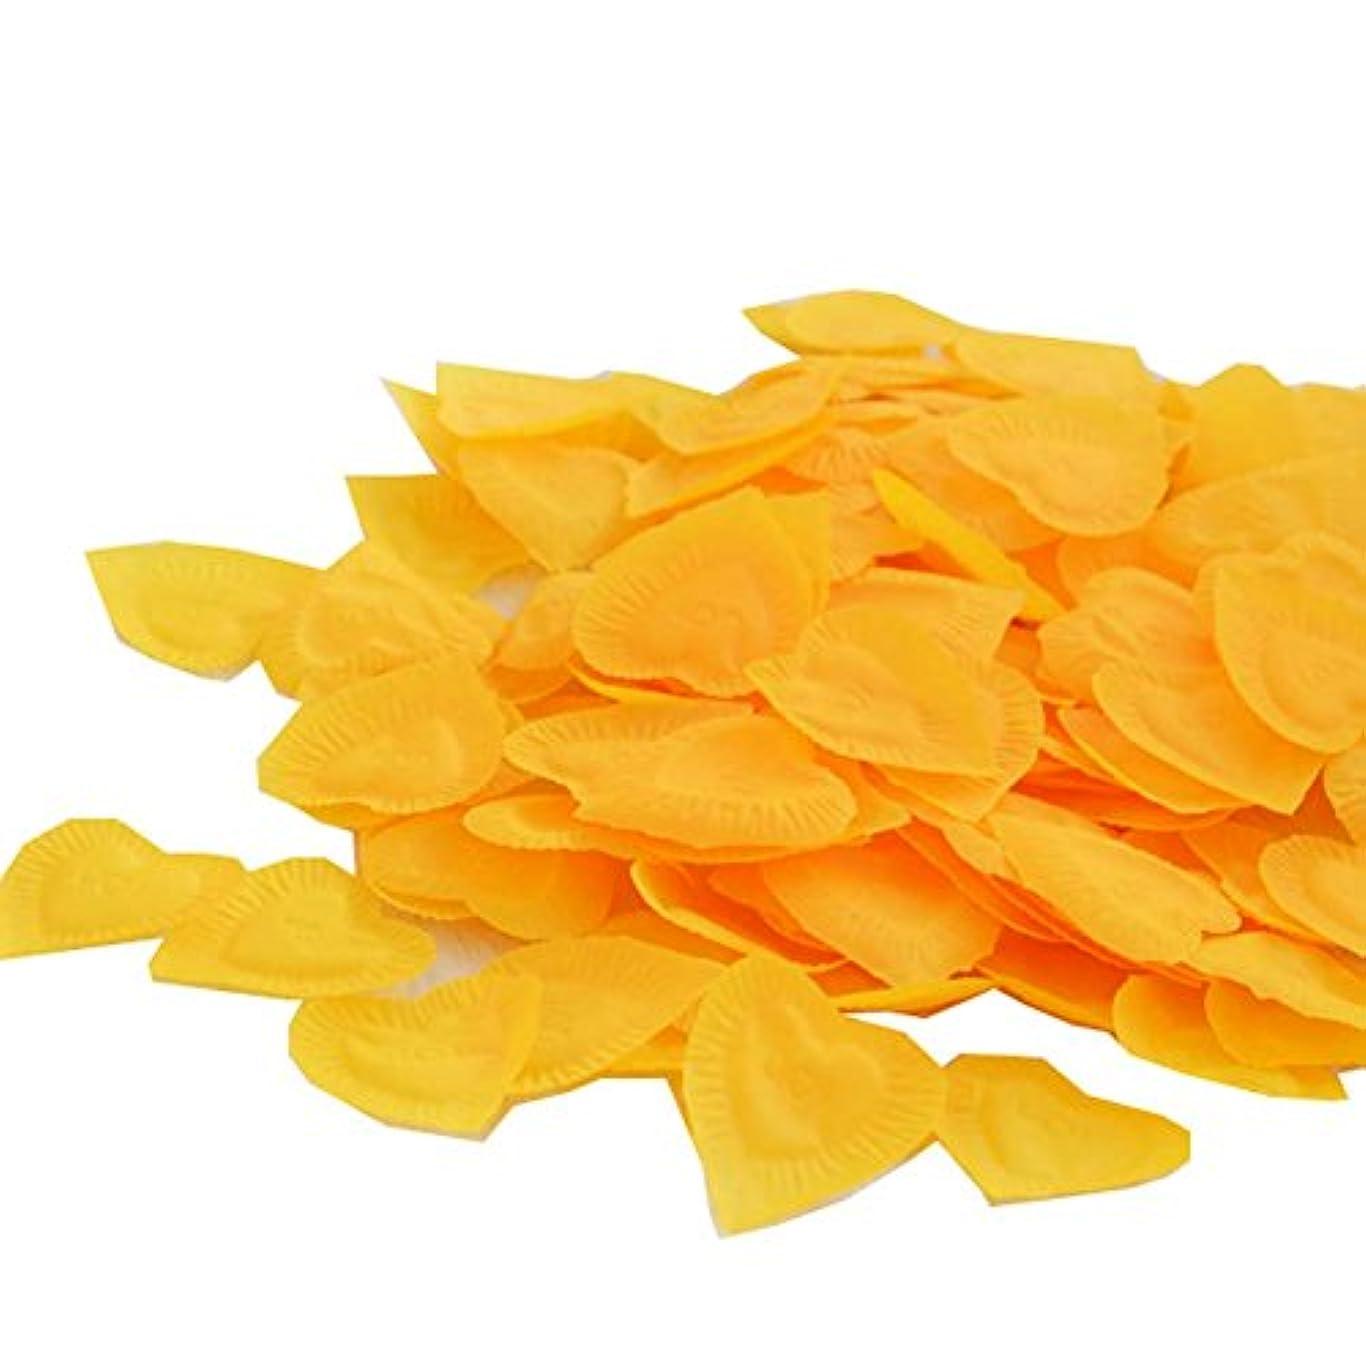 サンダル関数アカウント840の結婚式のための愛のパターン人工ローズフラワーの花びら